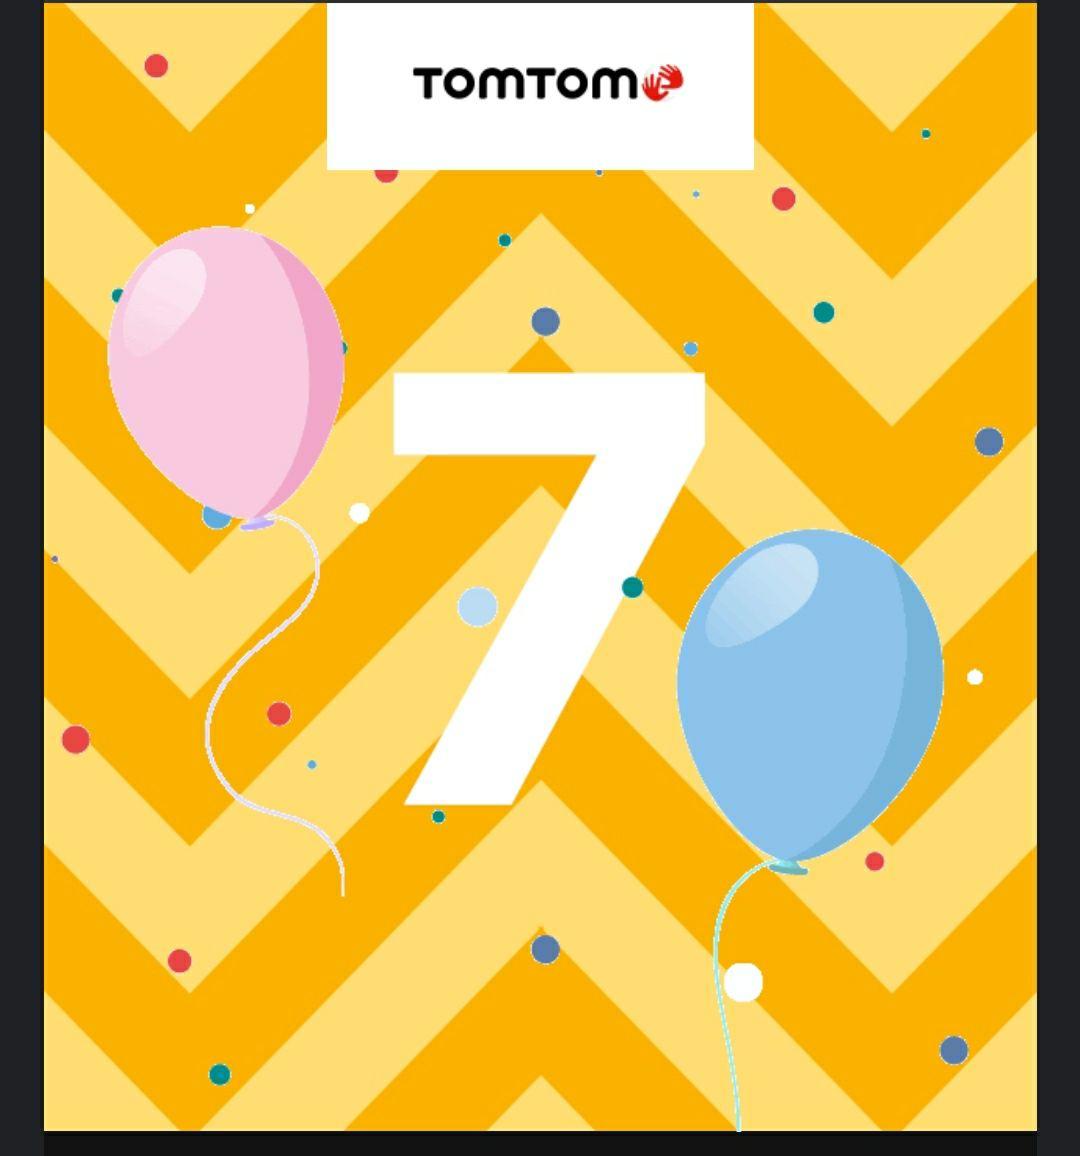 TomTom, 20% de descuento